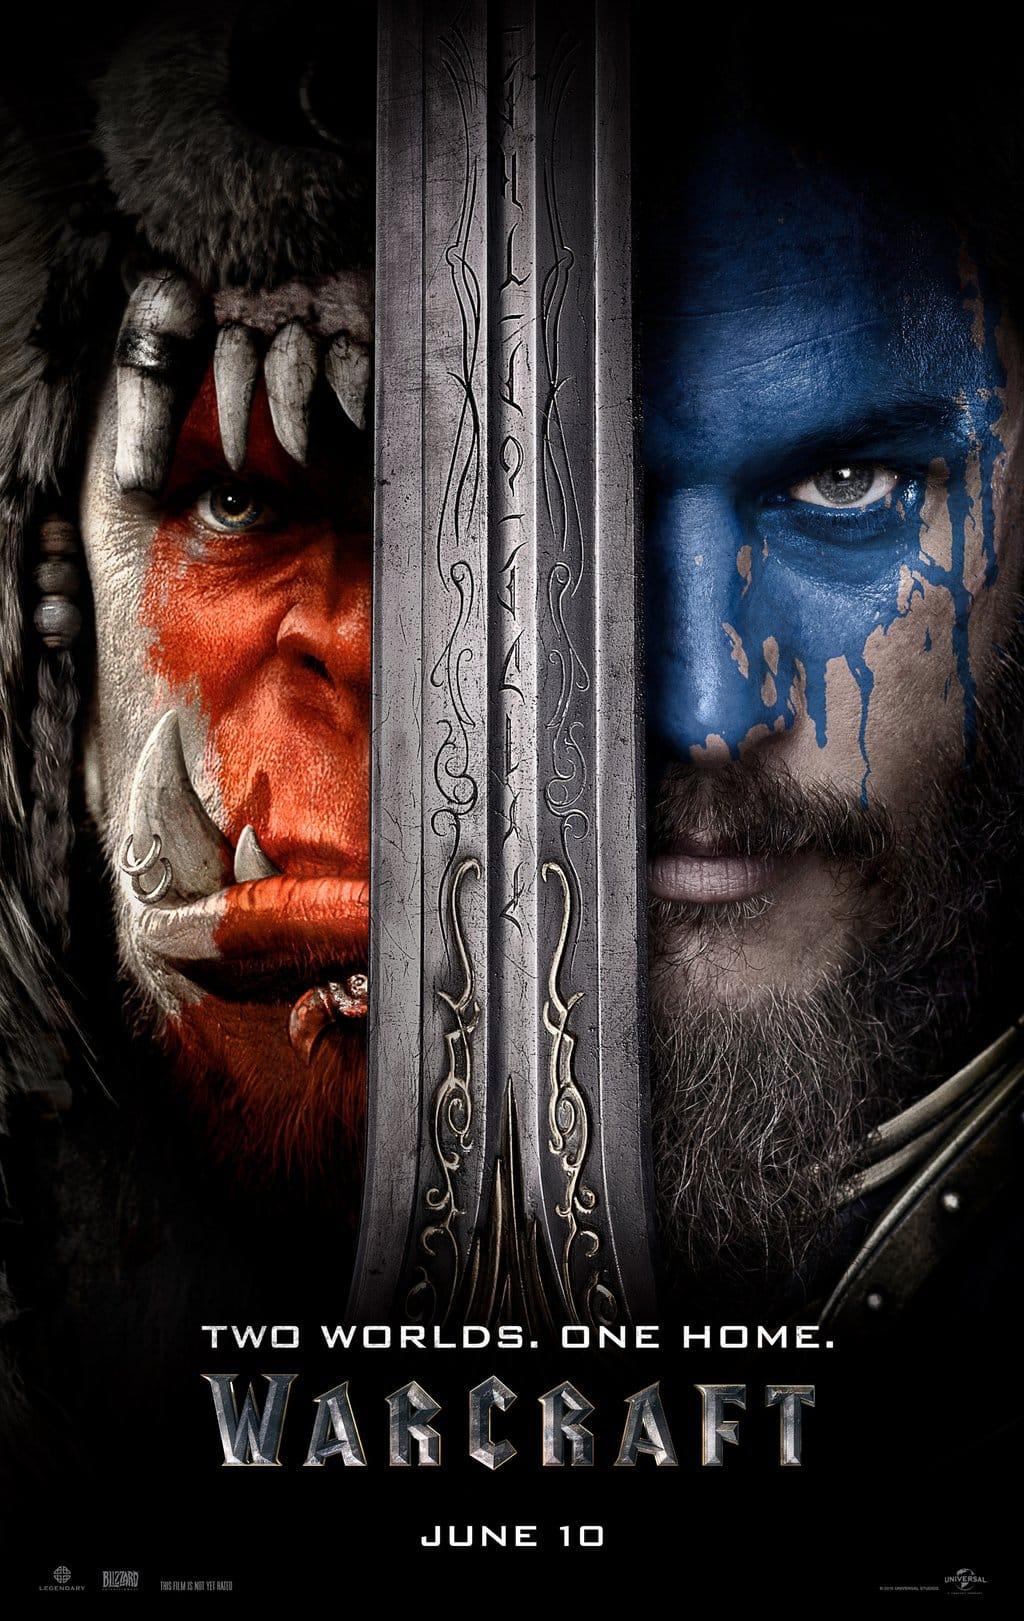 Warcraft-2016-Poster-US-07